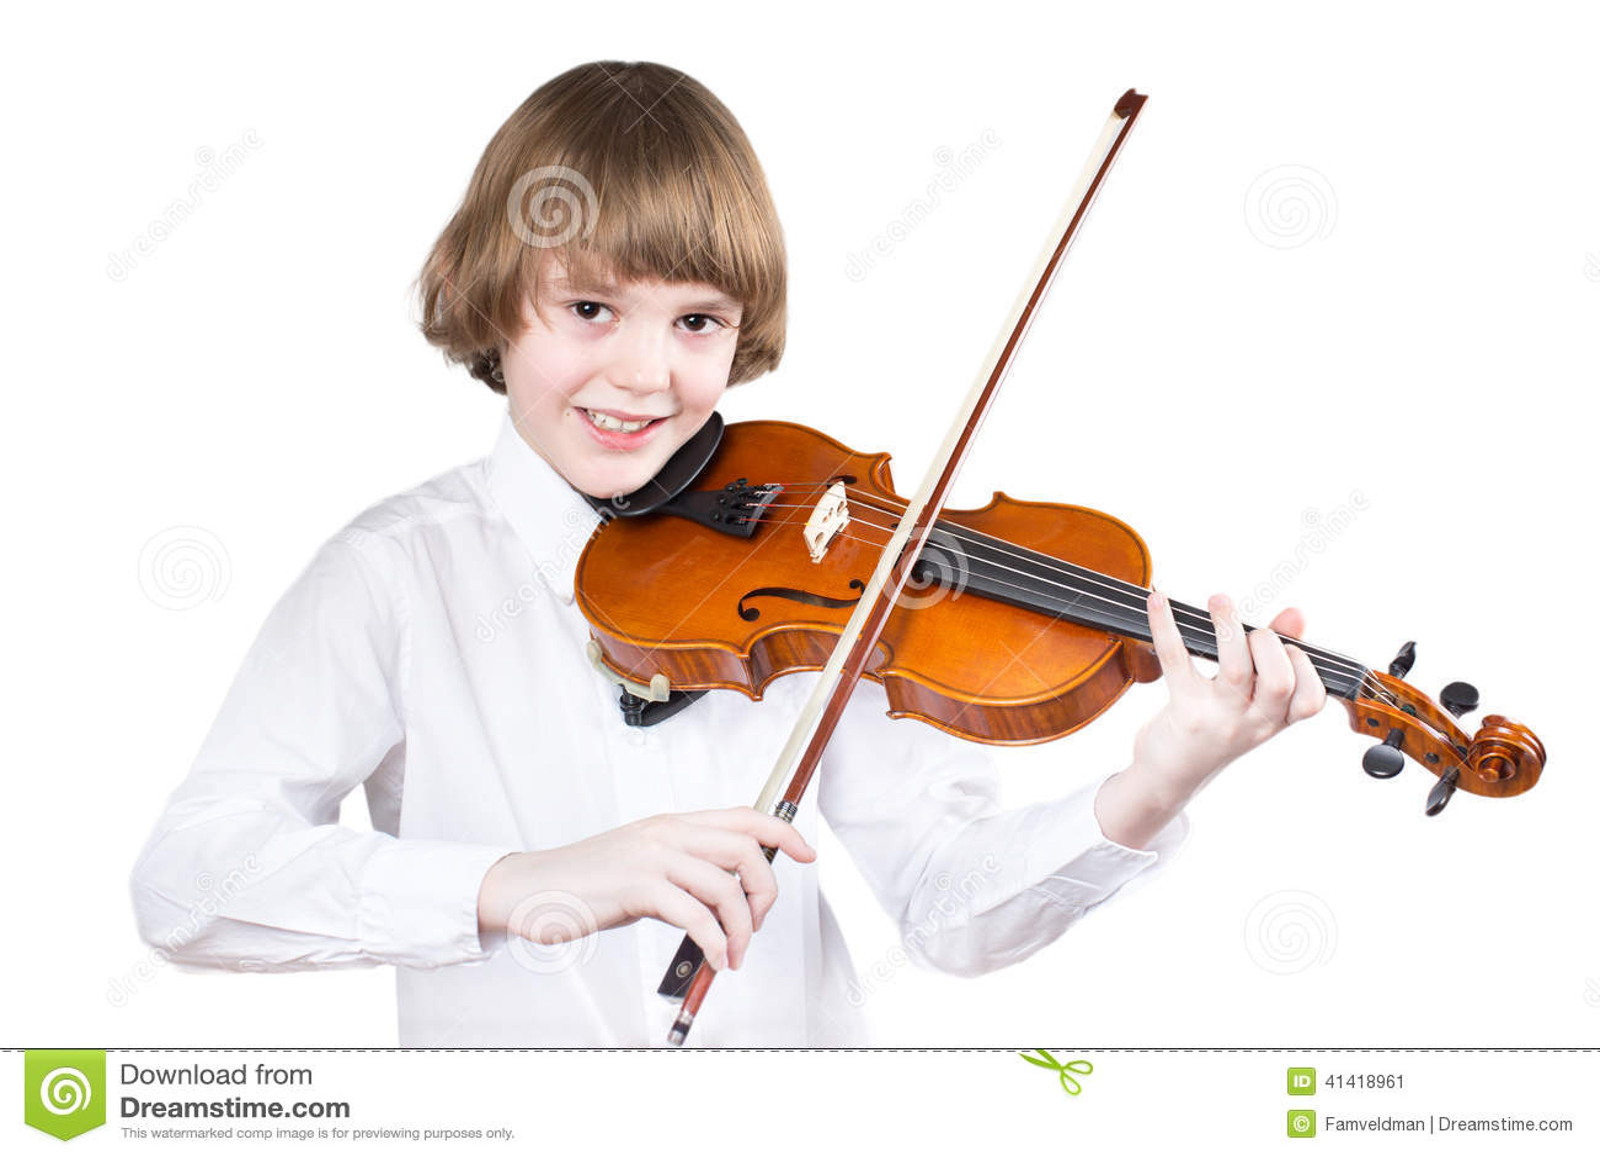 School boy playing violin